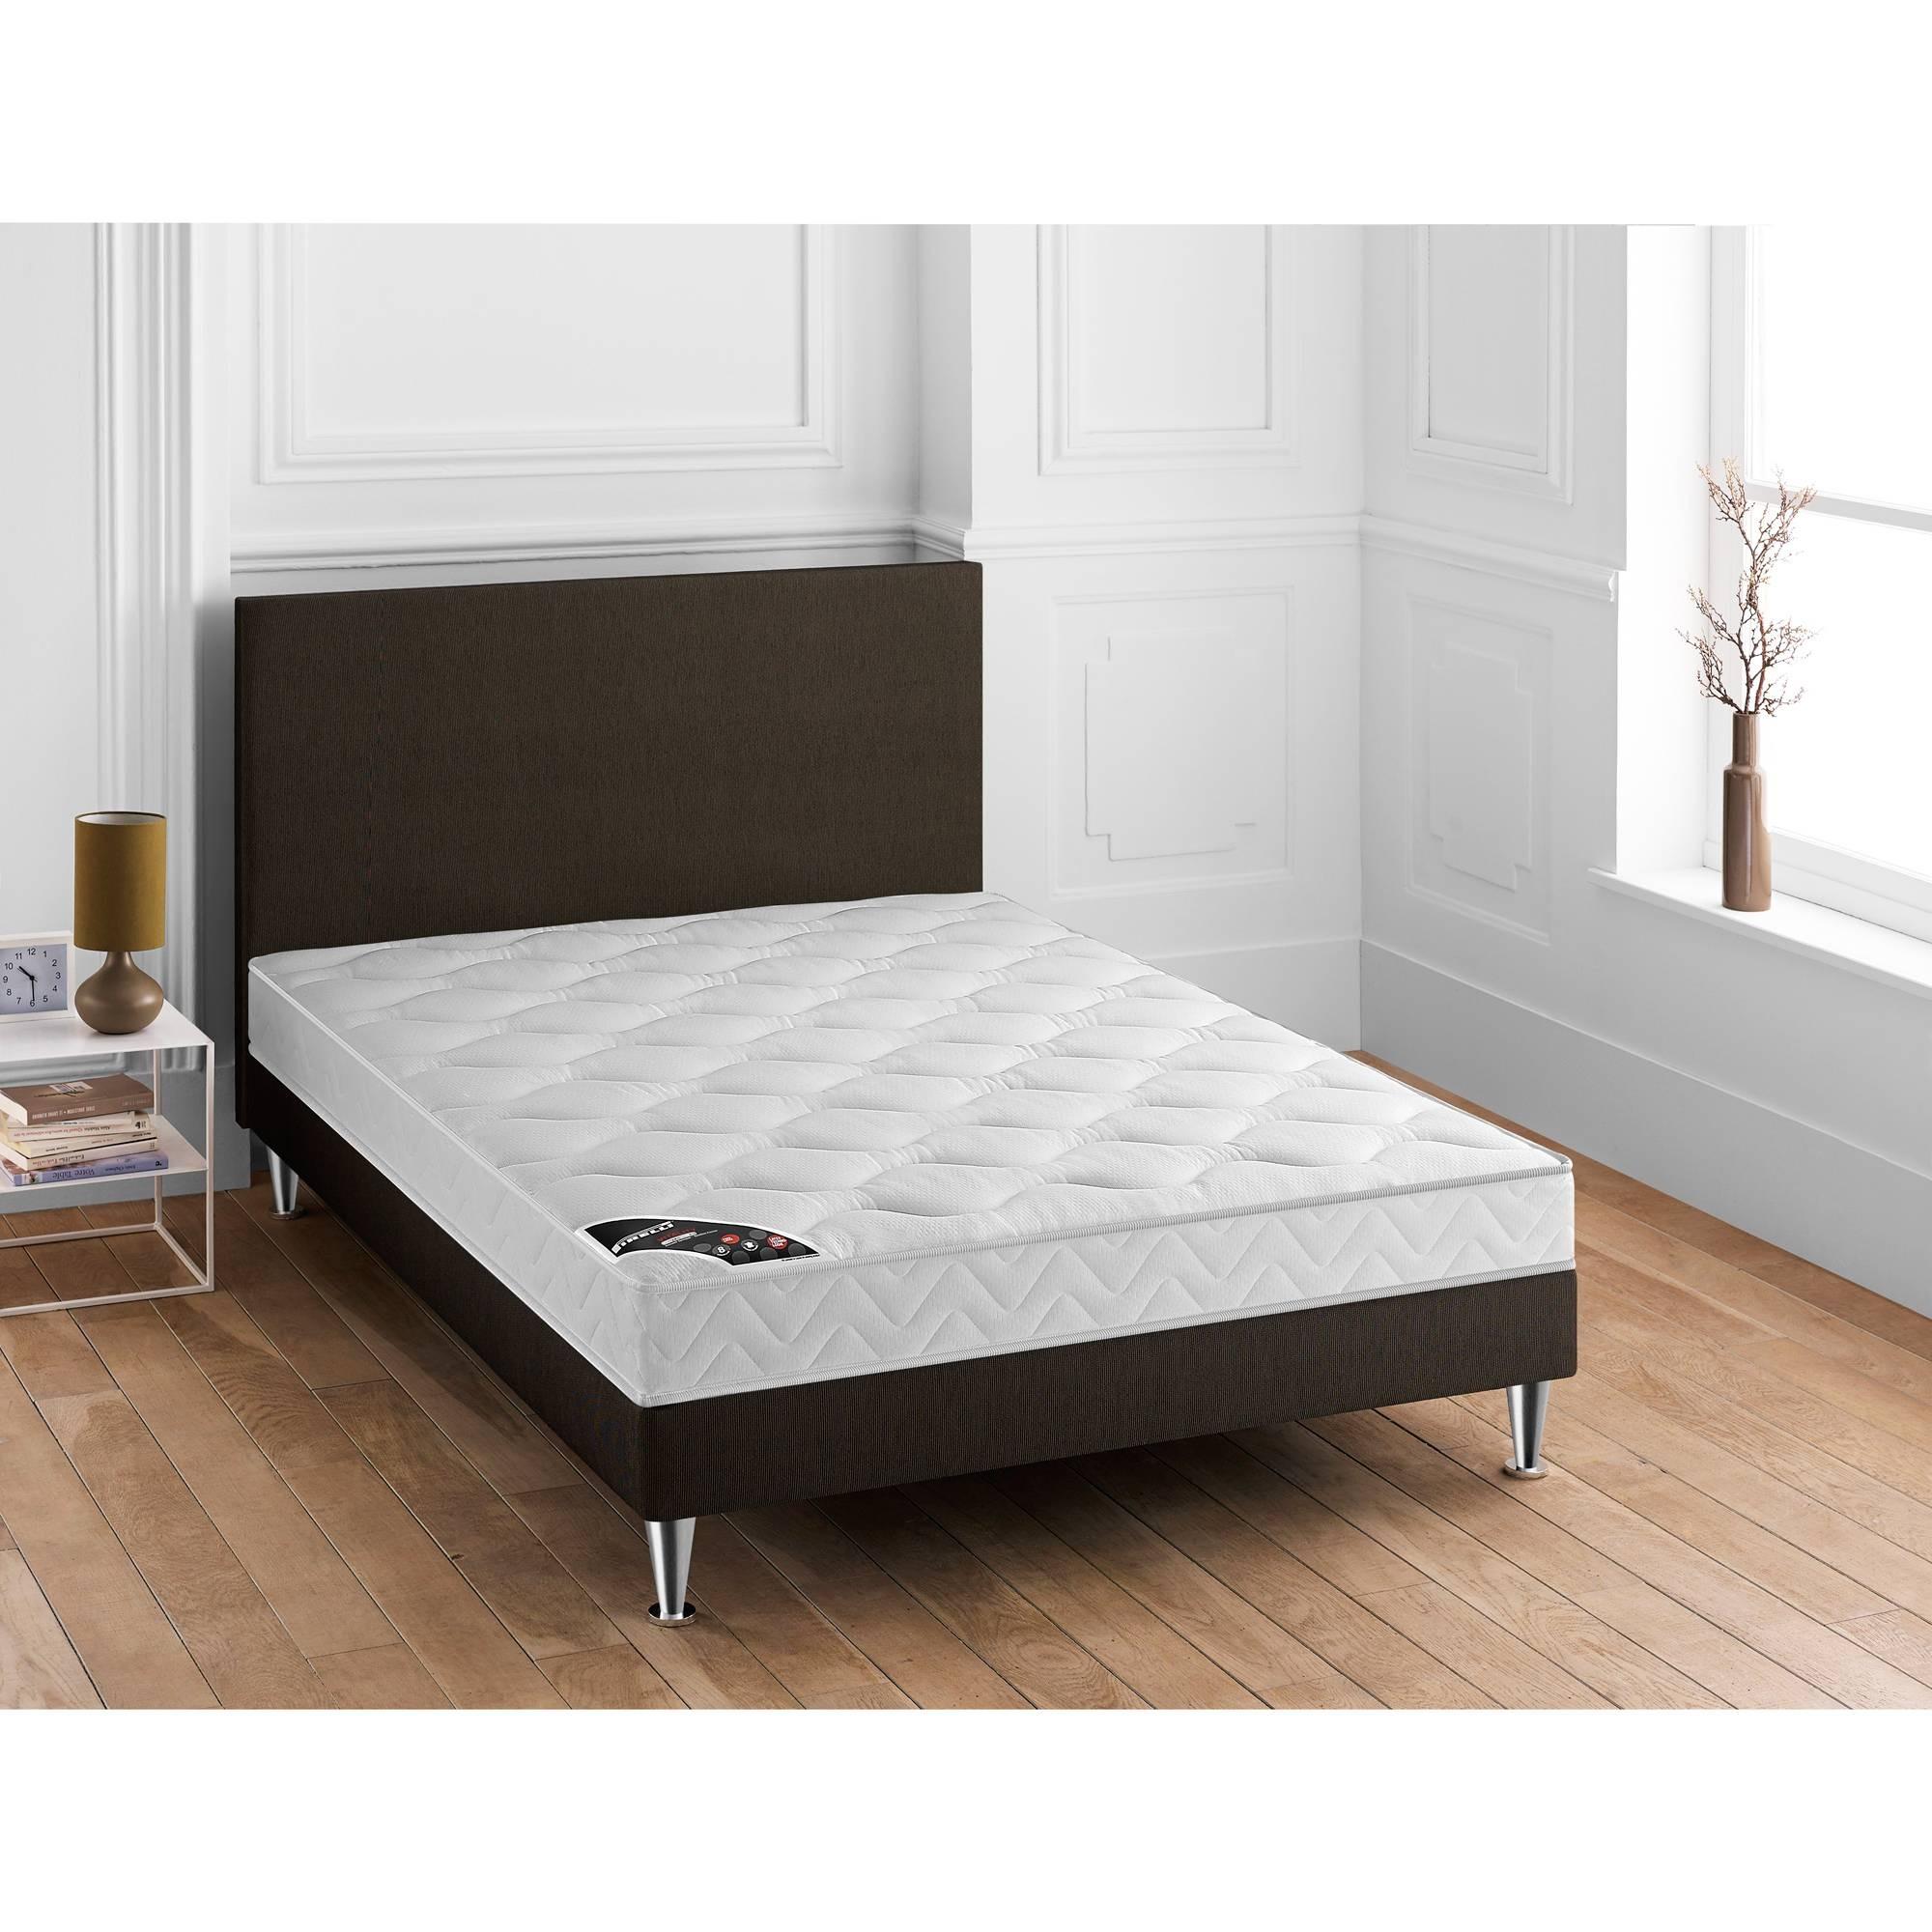 pirelli vitality matelas en latex soutien ferme 80 x 200 cm comparer avec. Black Bedroom Furniture Sets. Home Design Ideas